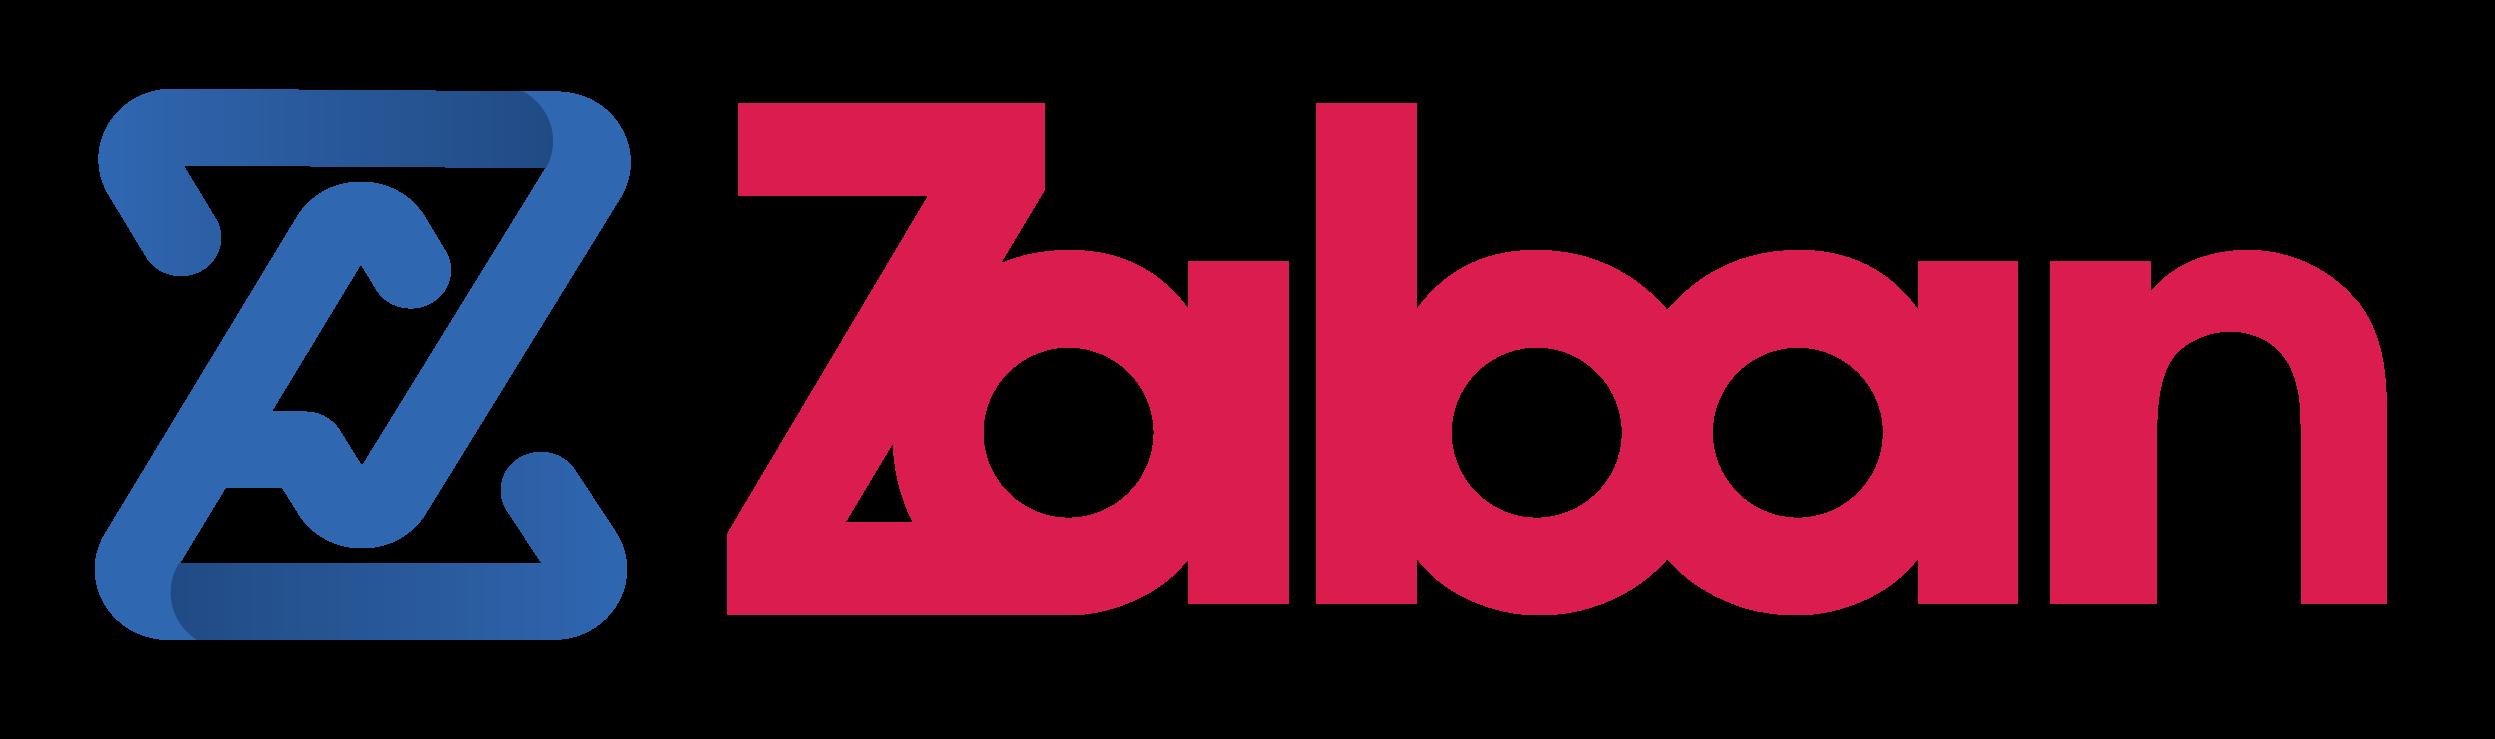 فروشگاه زبان AZ Zaban